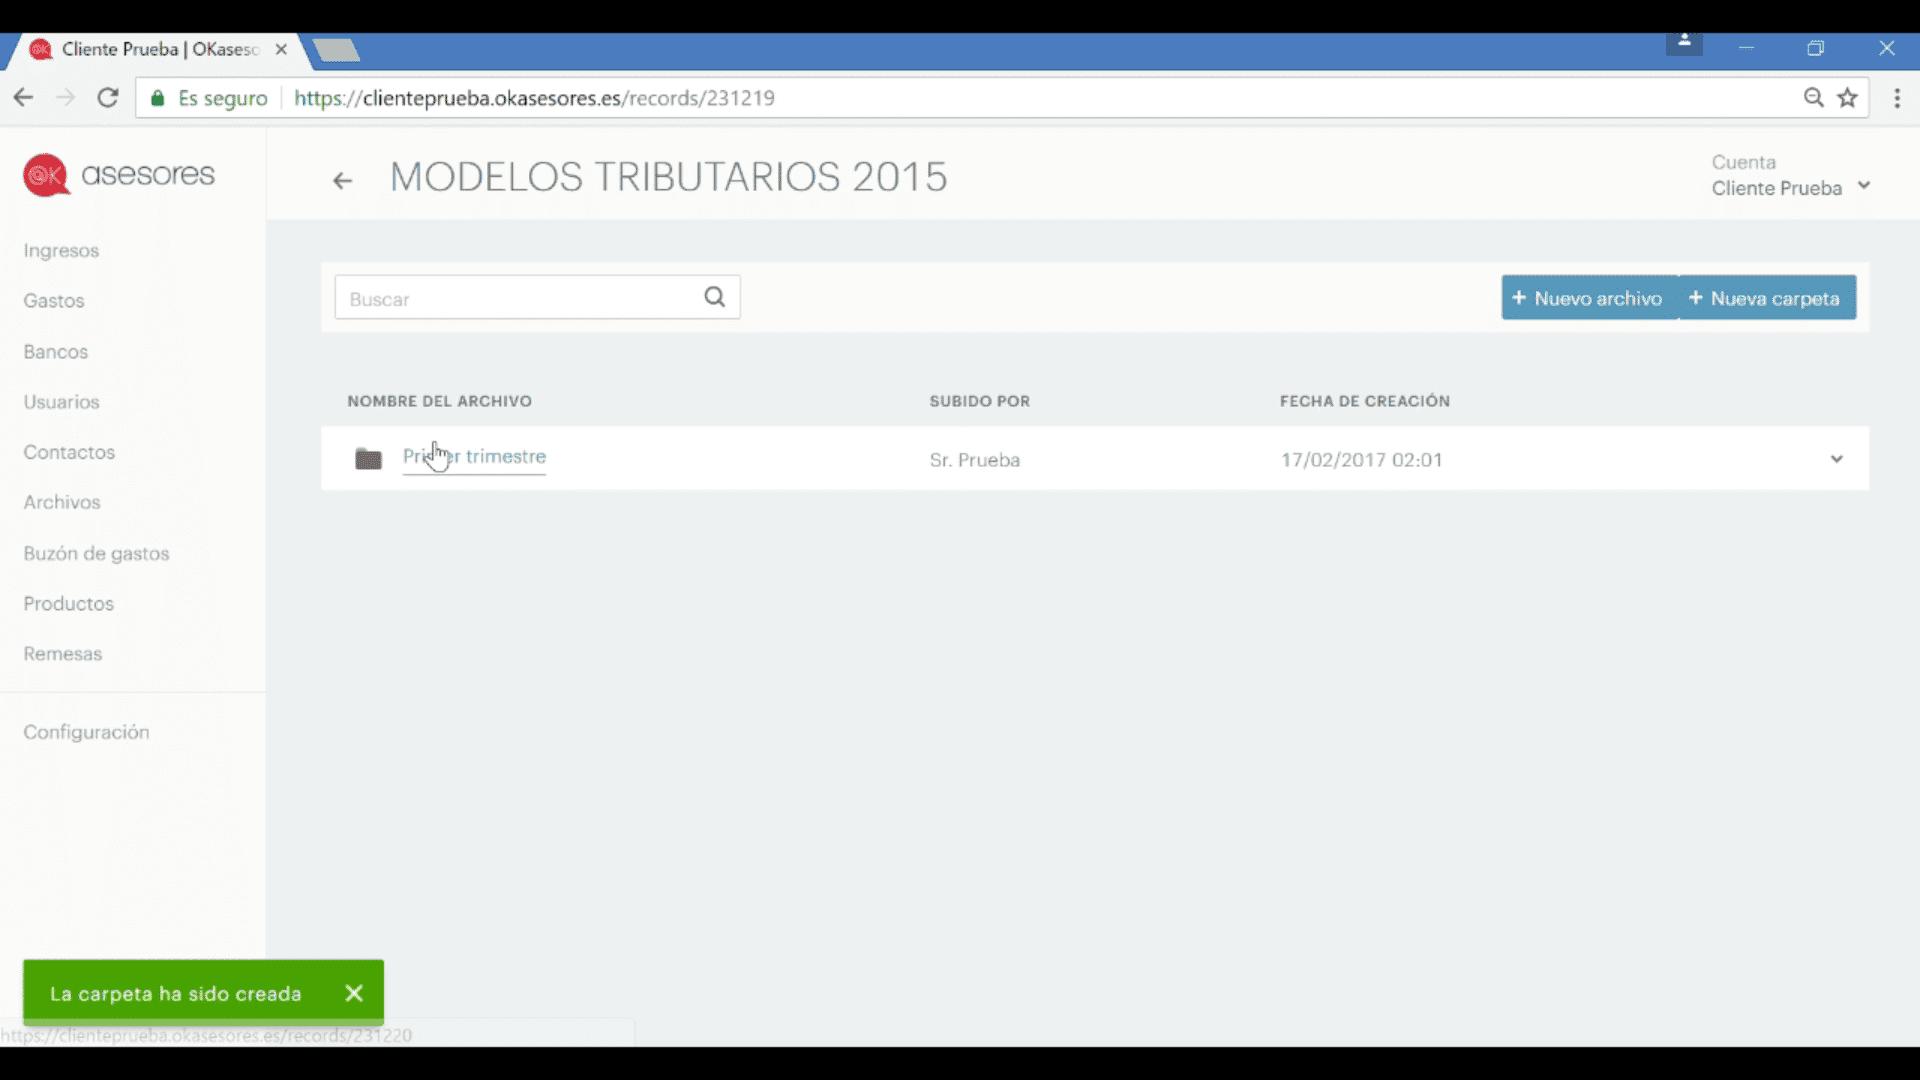 Gestión documental de archivos con programa de facturación online OKasesores